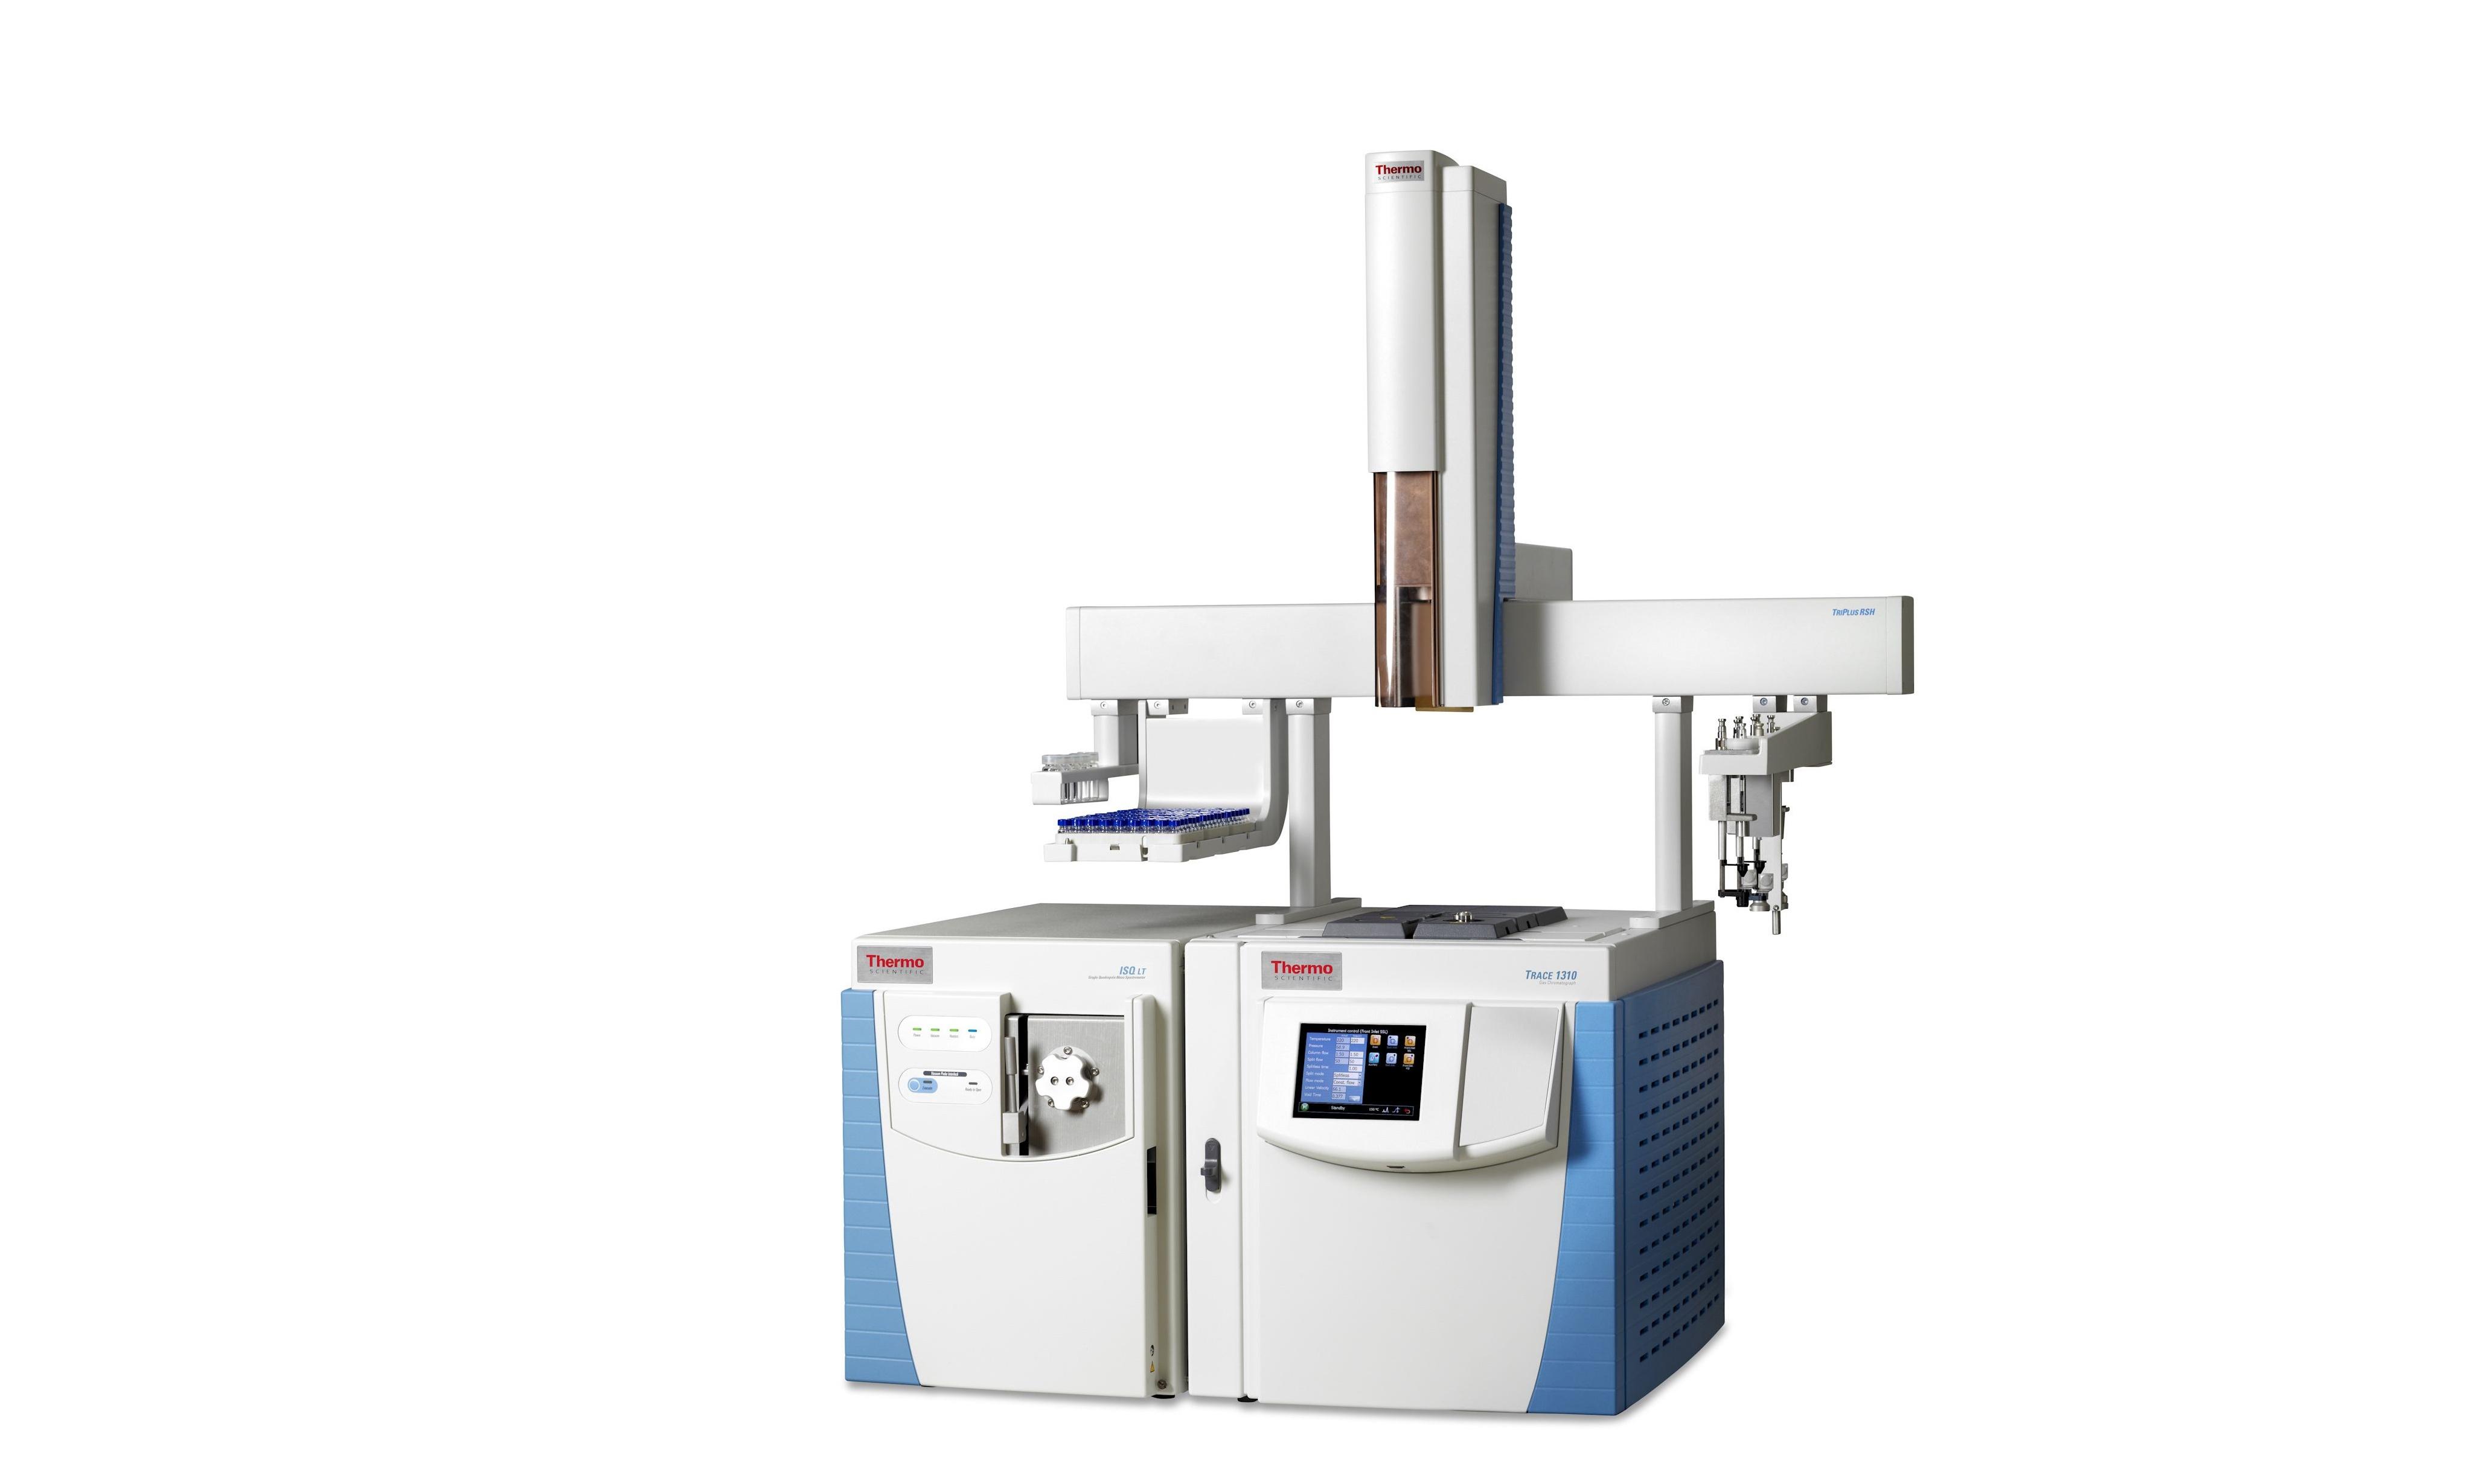 北京大学气相色谱-三重四极杆串联质谱仪采购项目公开招标